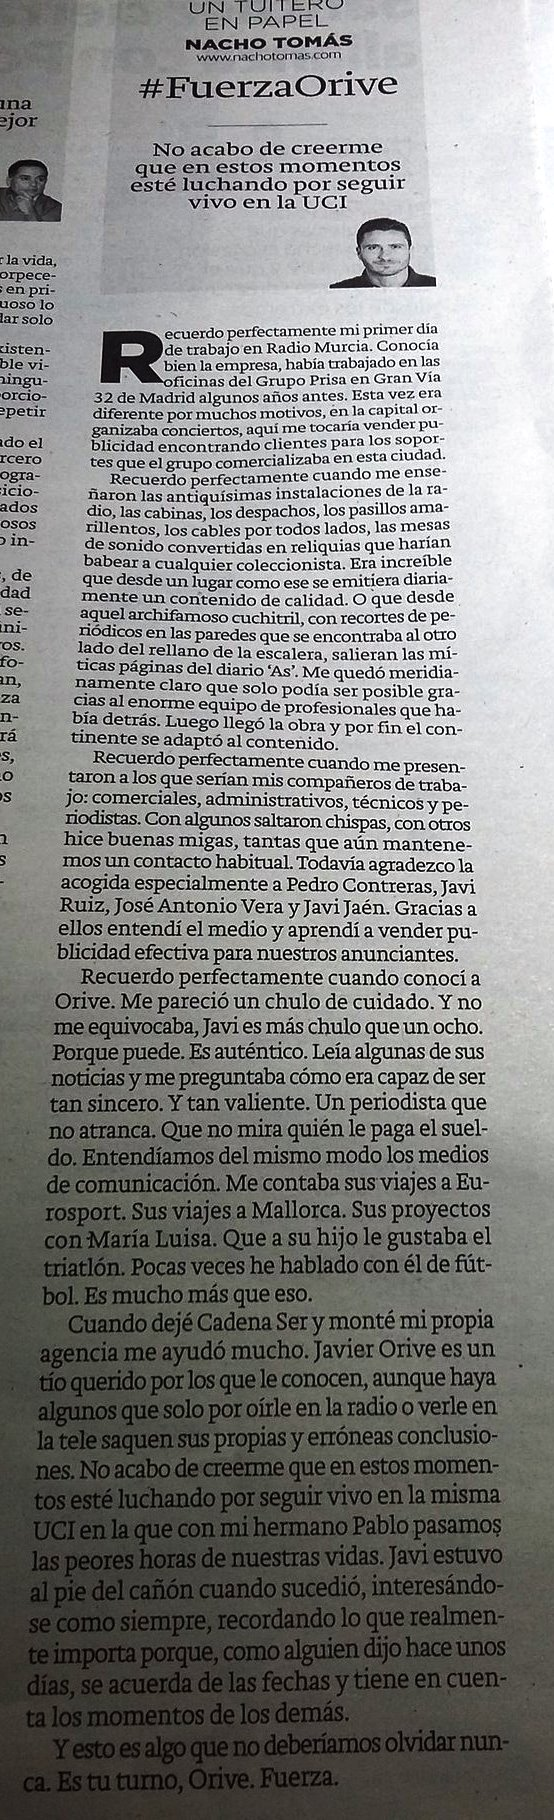 11.05.16 #FuerzaOrive - Nacho Tomás - Un tuitero en papel - La Verdad de Murcia